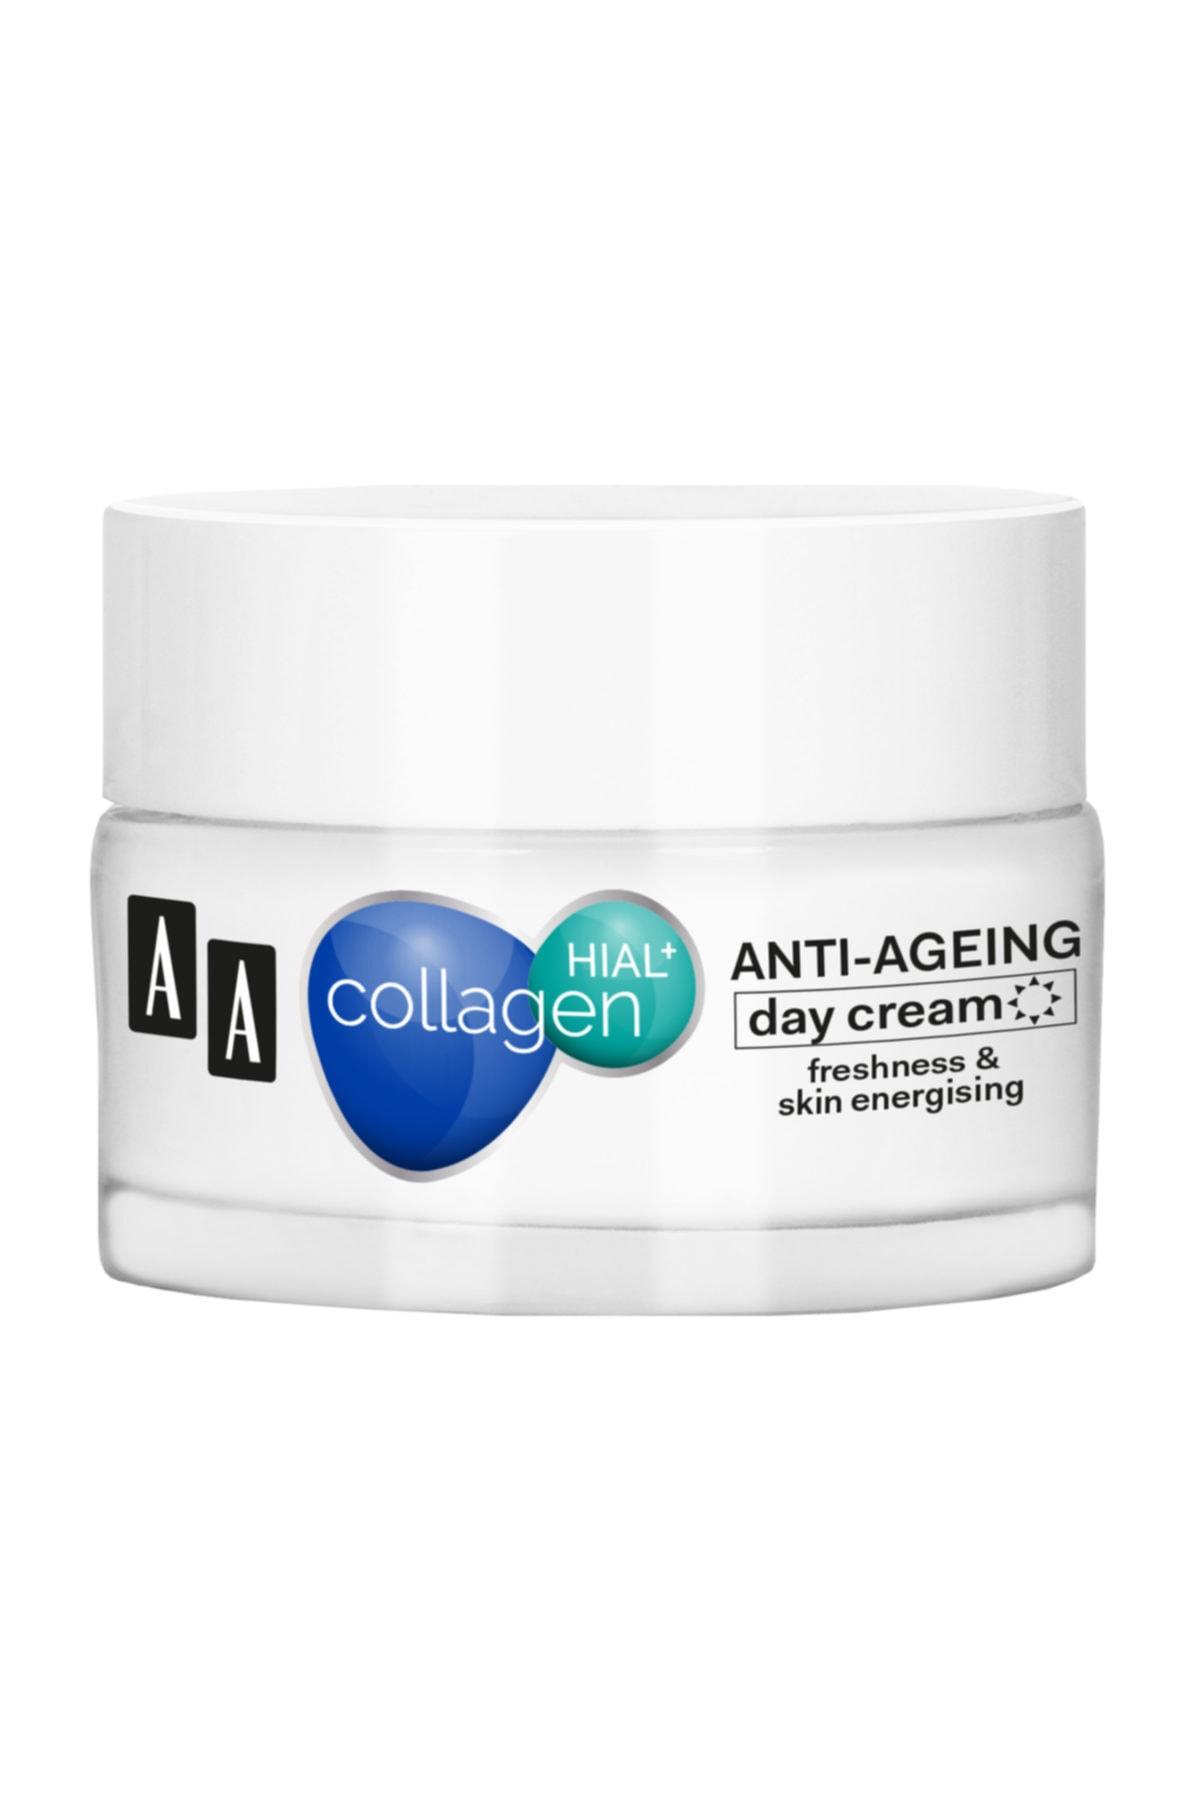 AA Collagen Hıal+  Kolajen Yaşlanma Karşıtı Gündüz Kremi 50ml